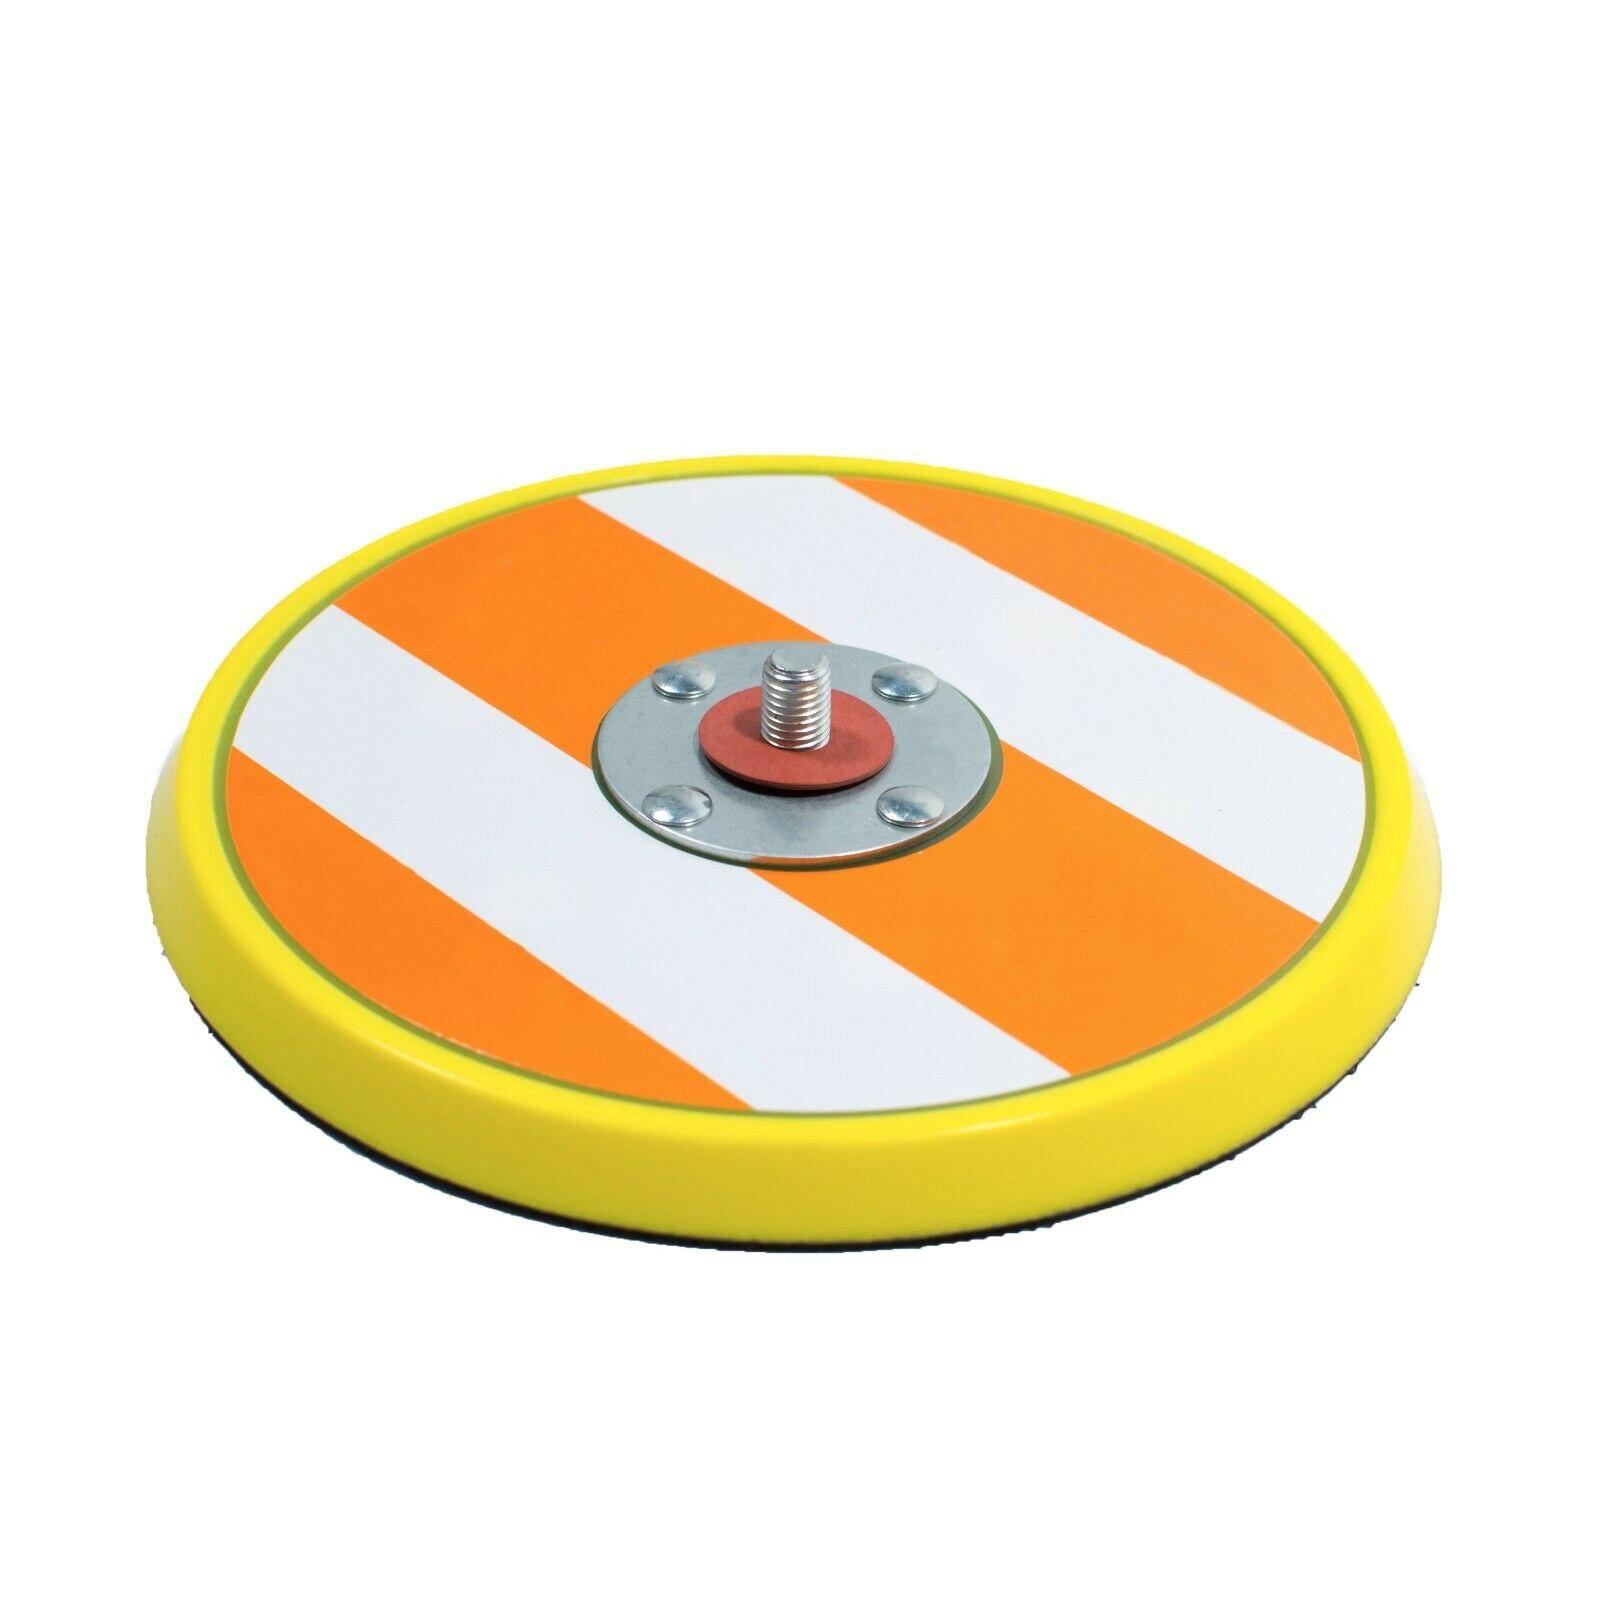 """6 """"дюймовый круглый диск для лица песок шлифовальная площадка Замена для шлифовального оборудования аксессуары для шлифовальных станков"""